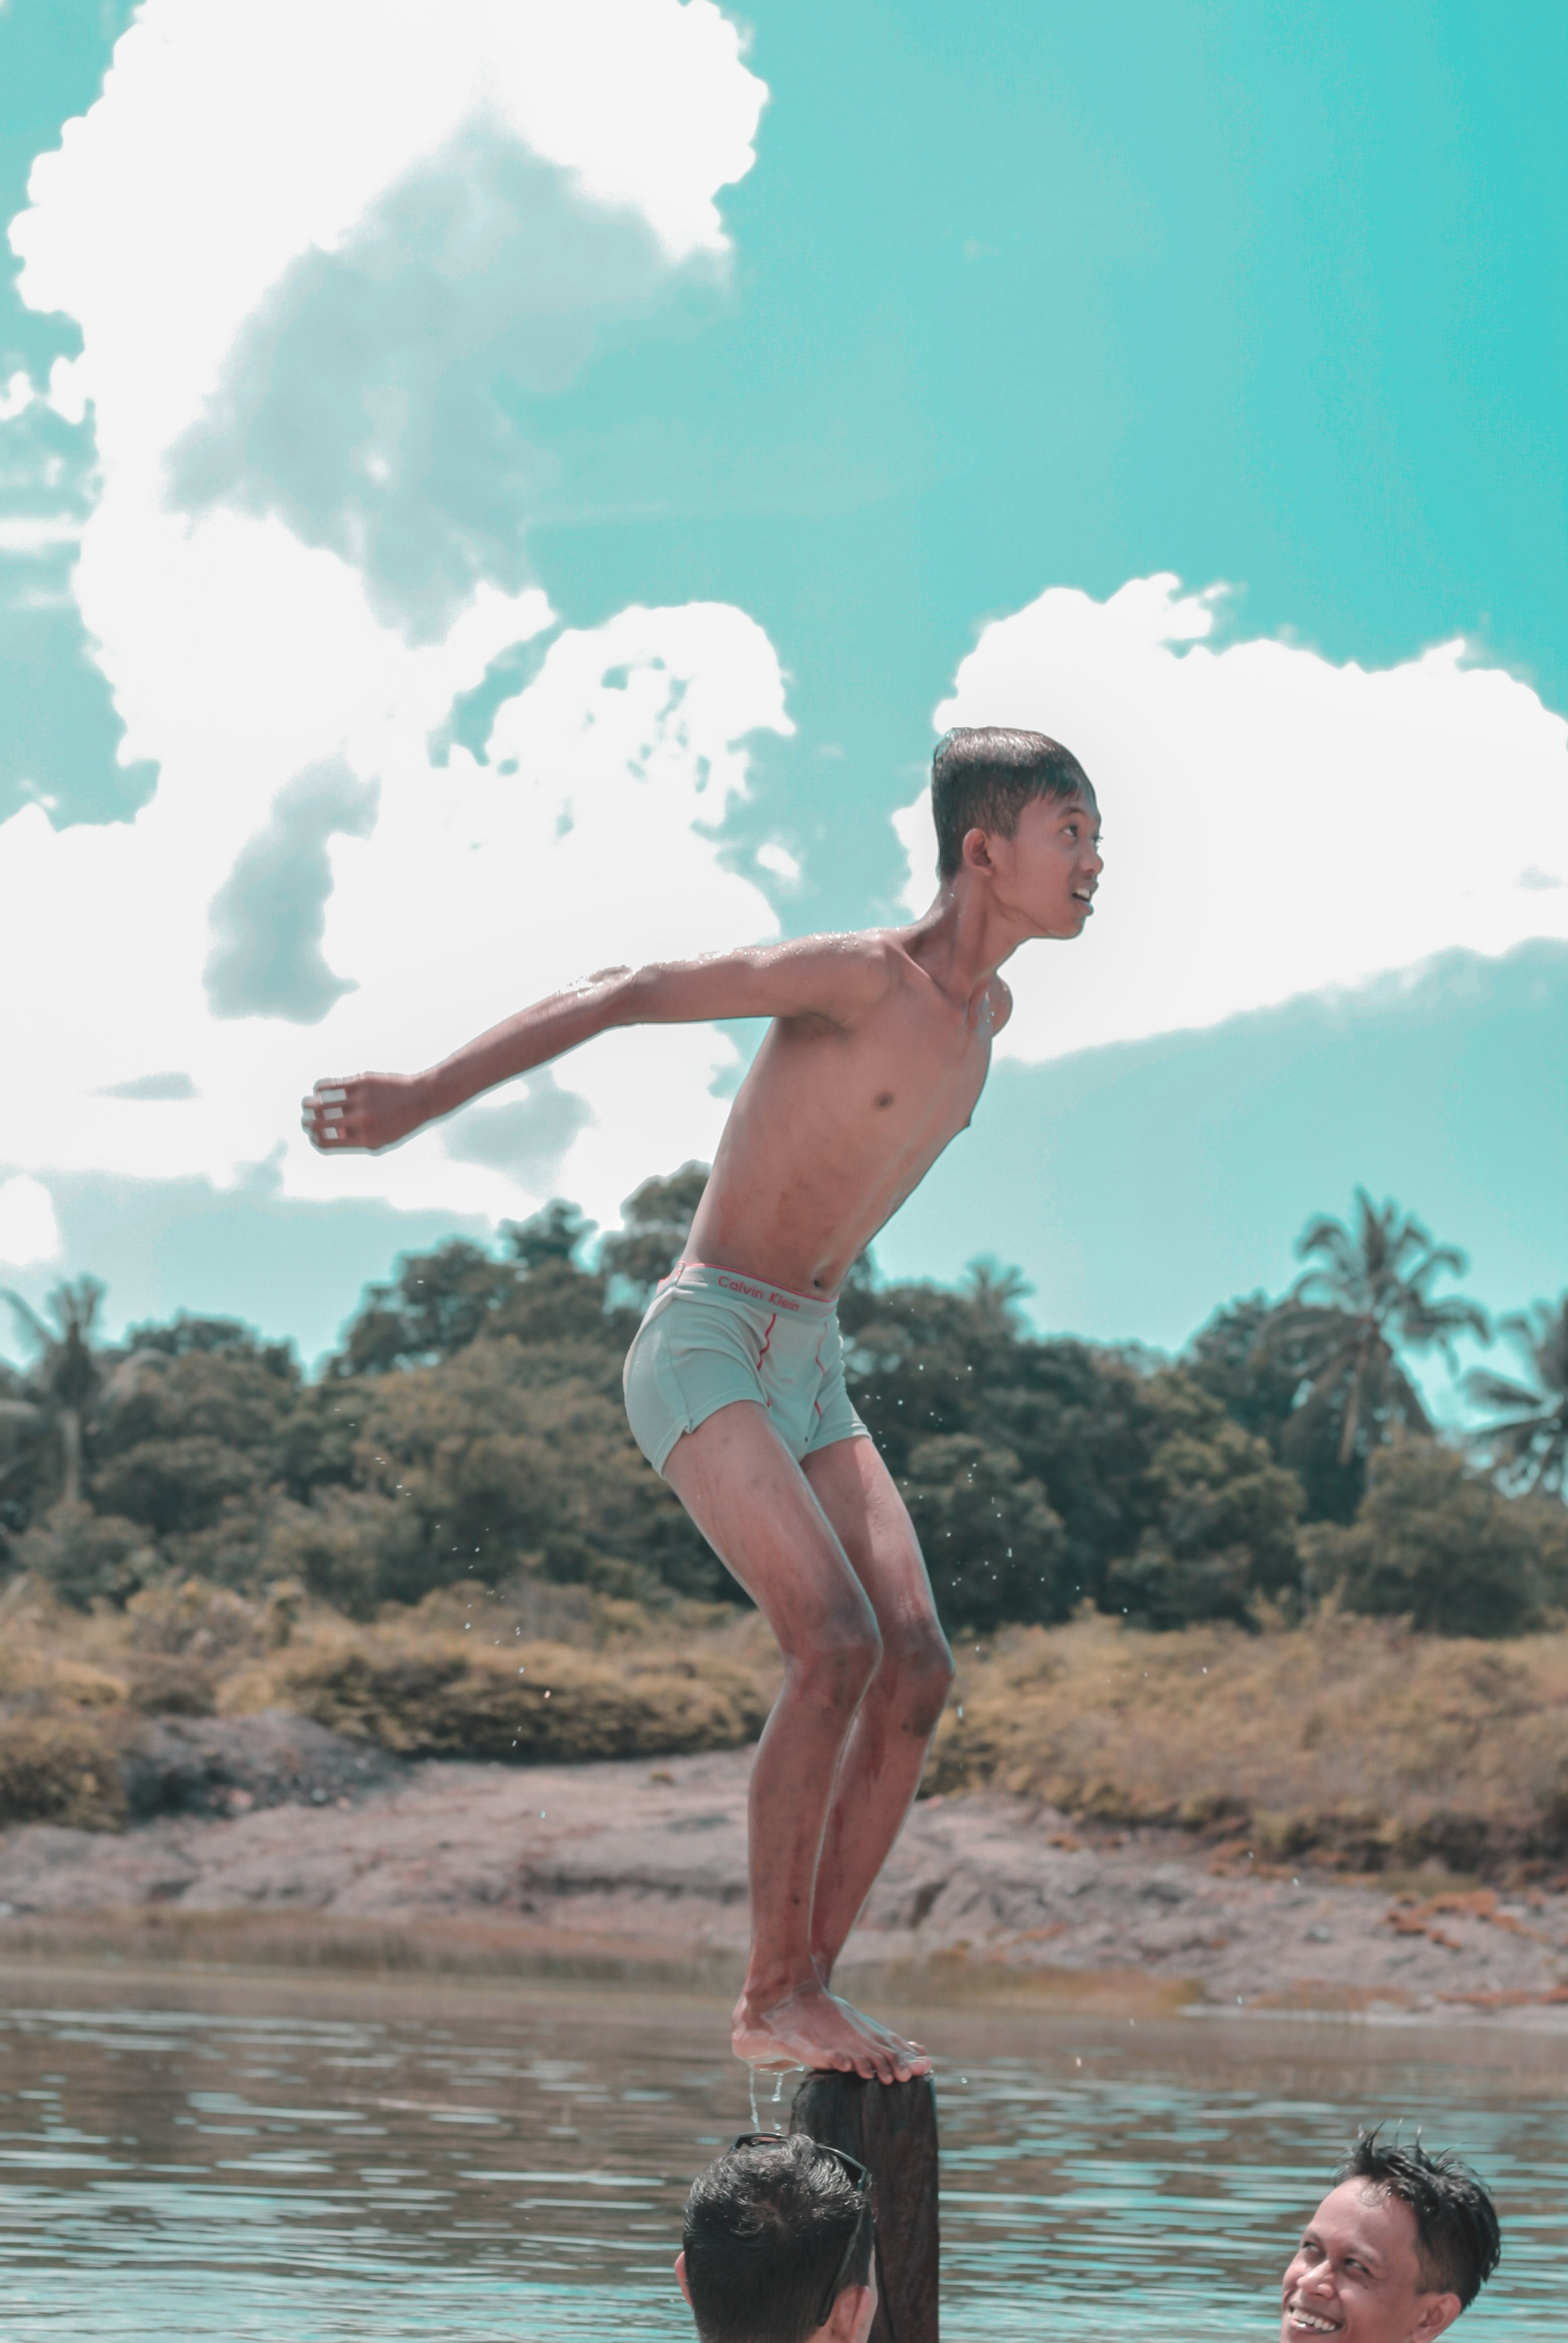 Man in Blue Underwear About to Jump